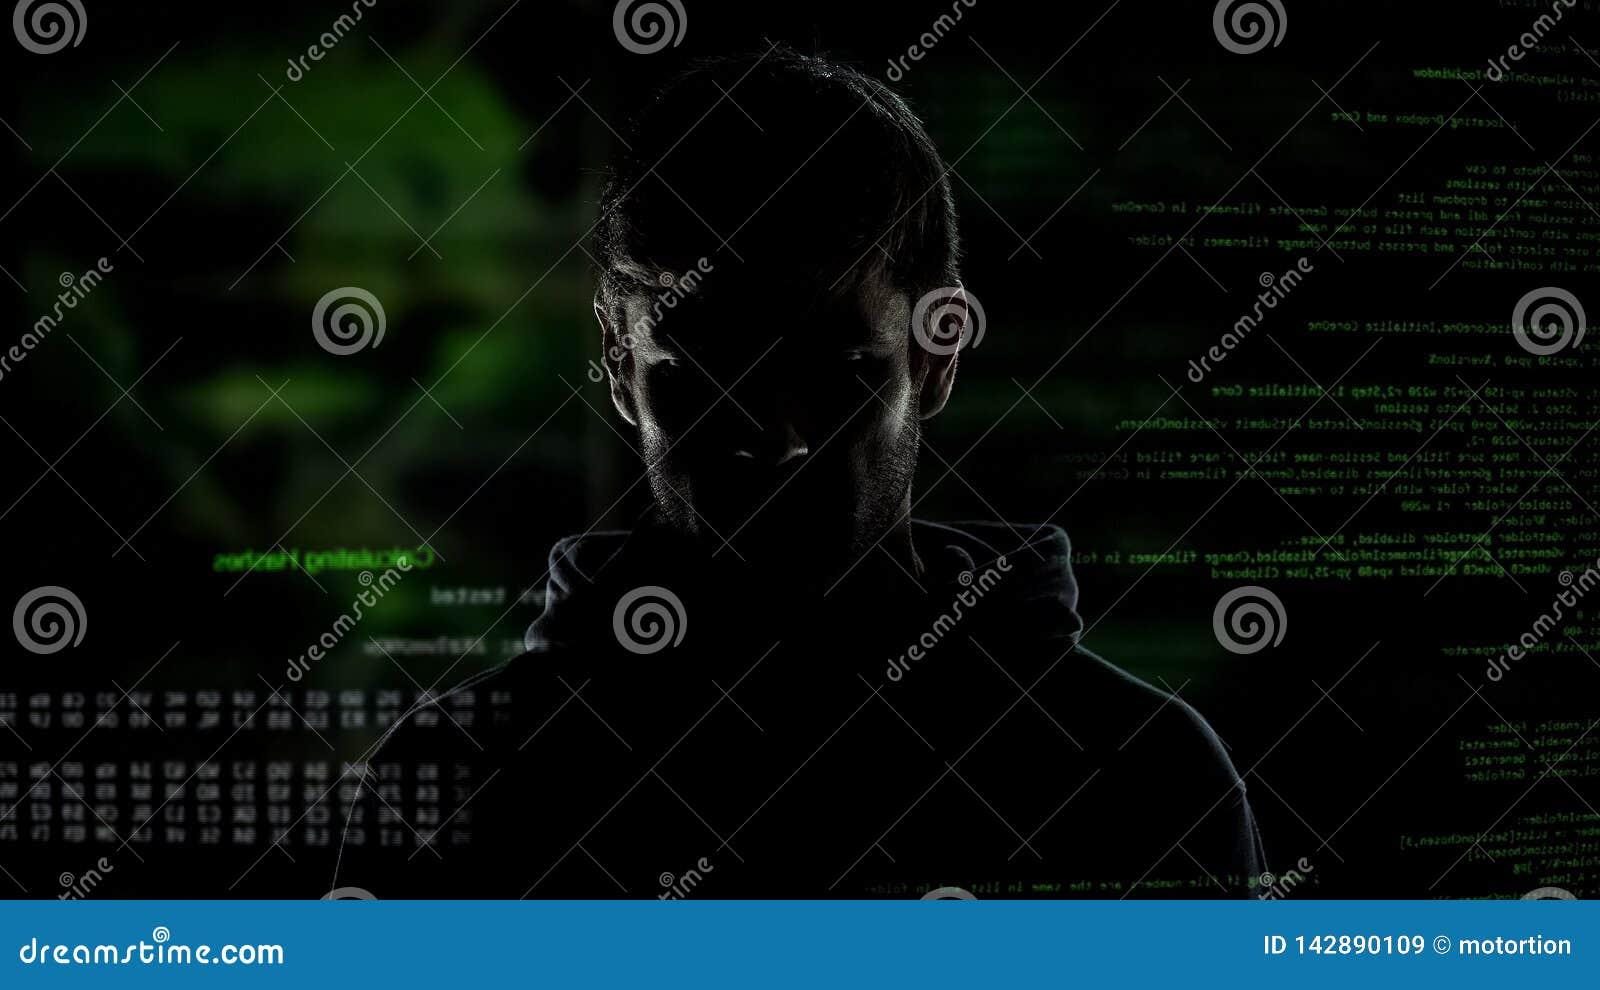 Hombre incógnito joven, pirata informático de Internet con números y código, amenaza de la ciberdelincuencia